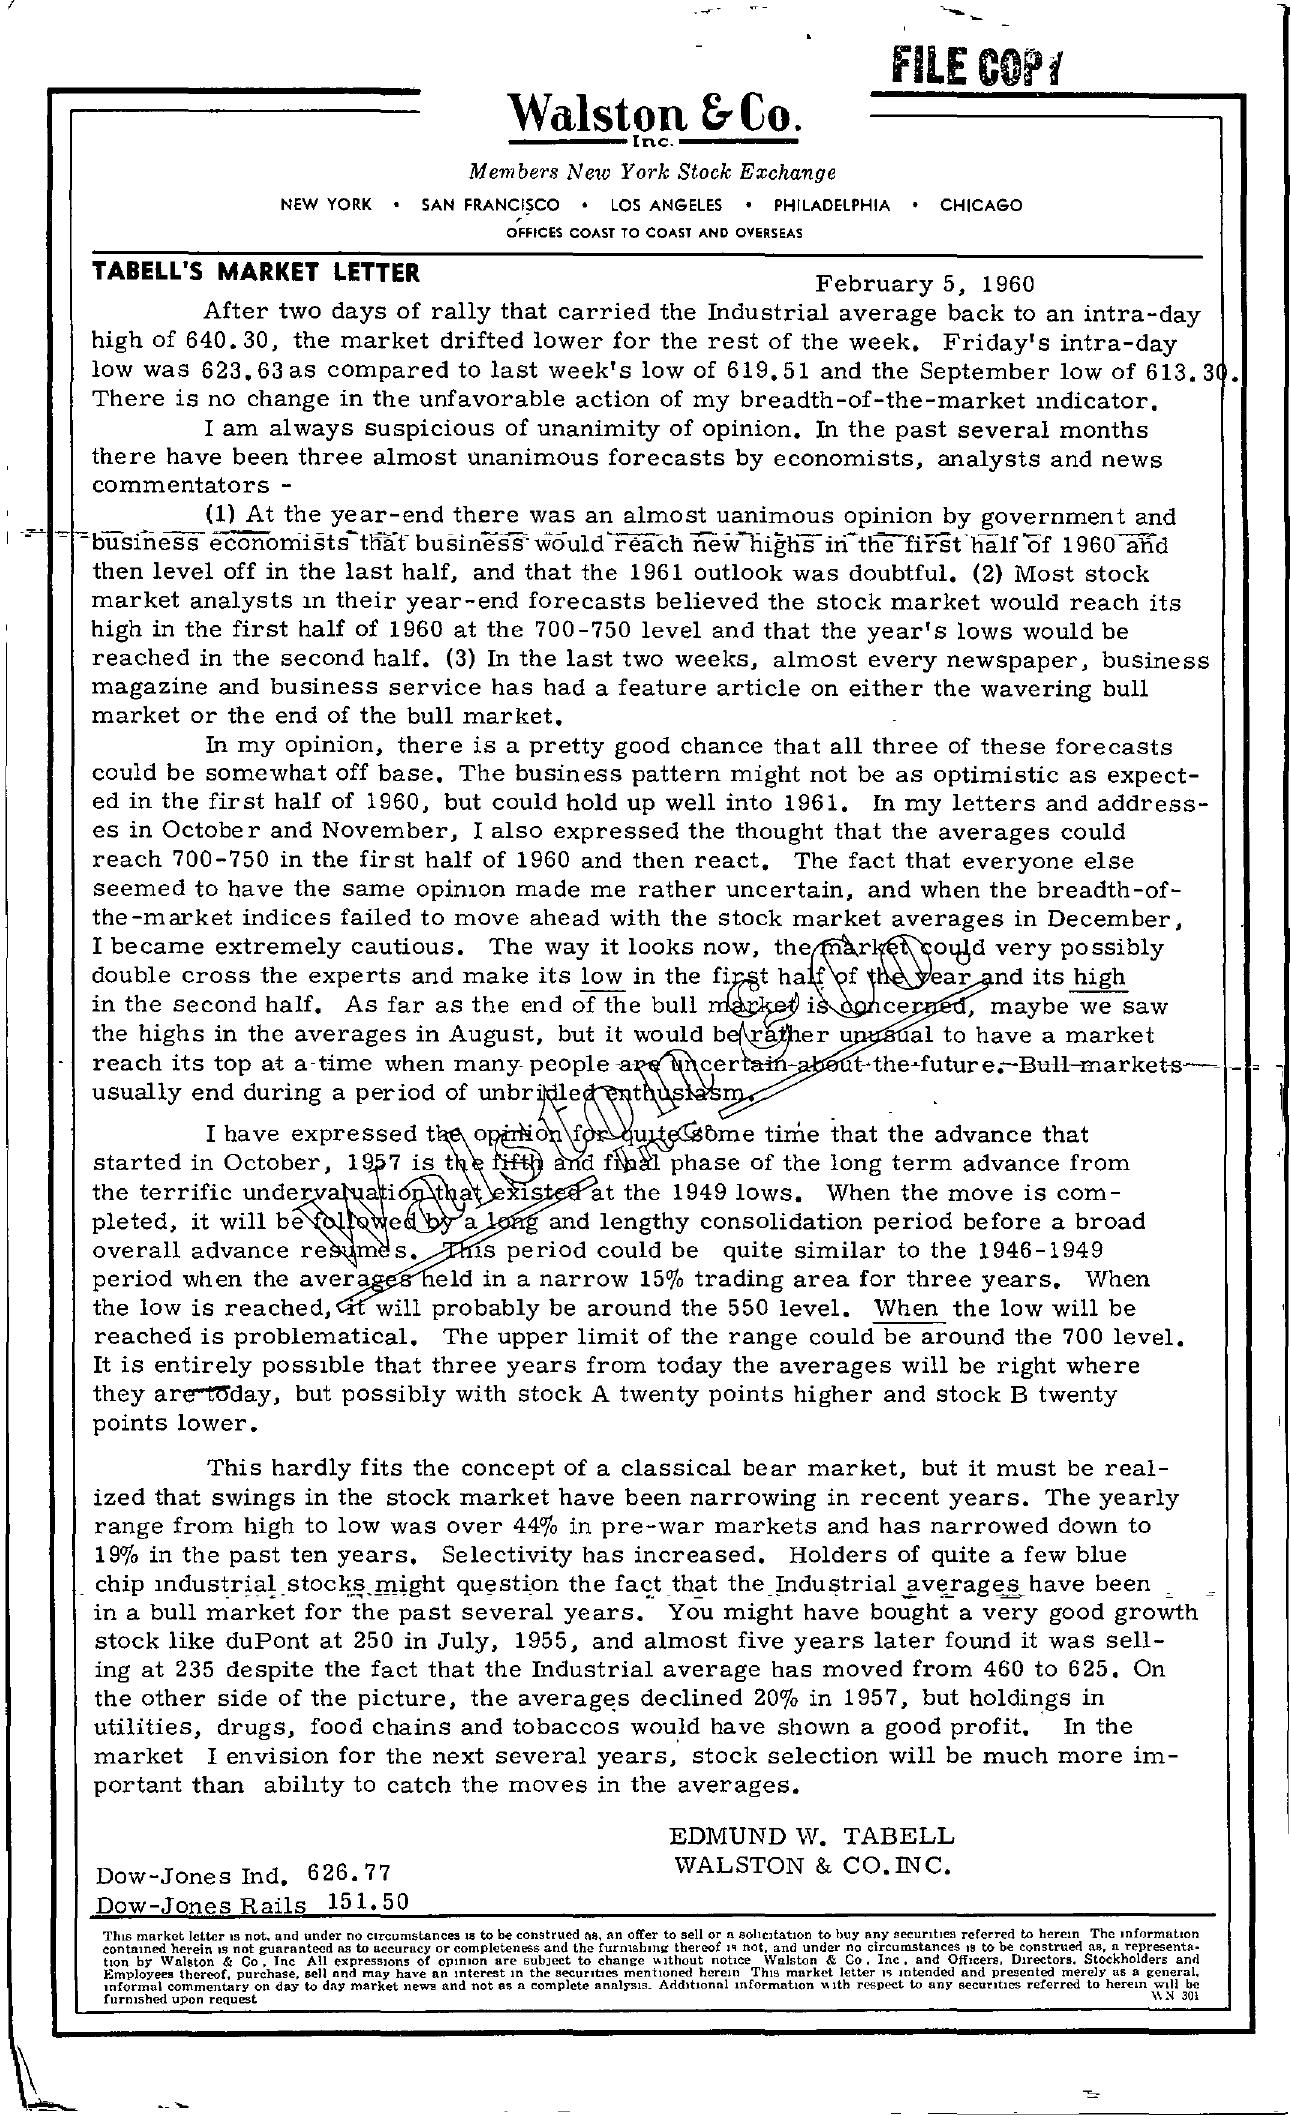 Tabell's Market Letter - February 05, 1960